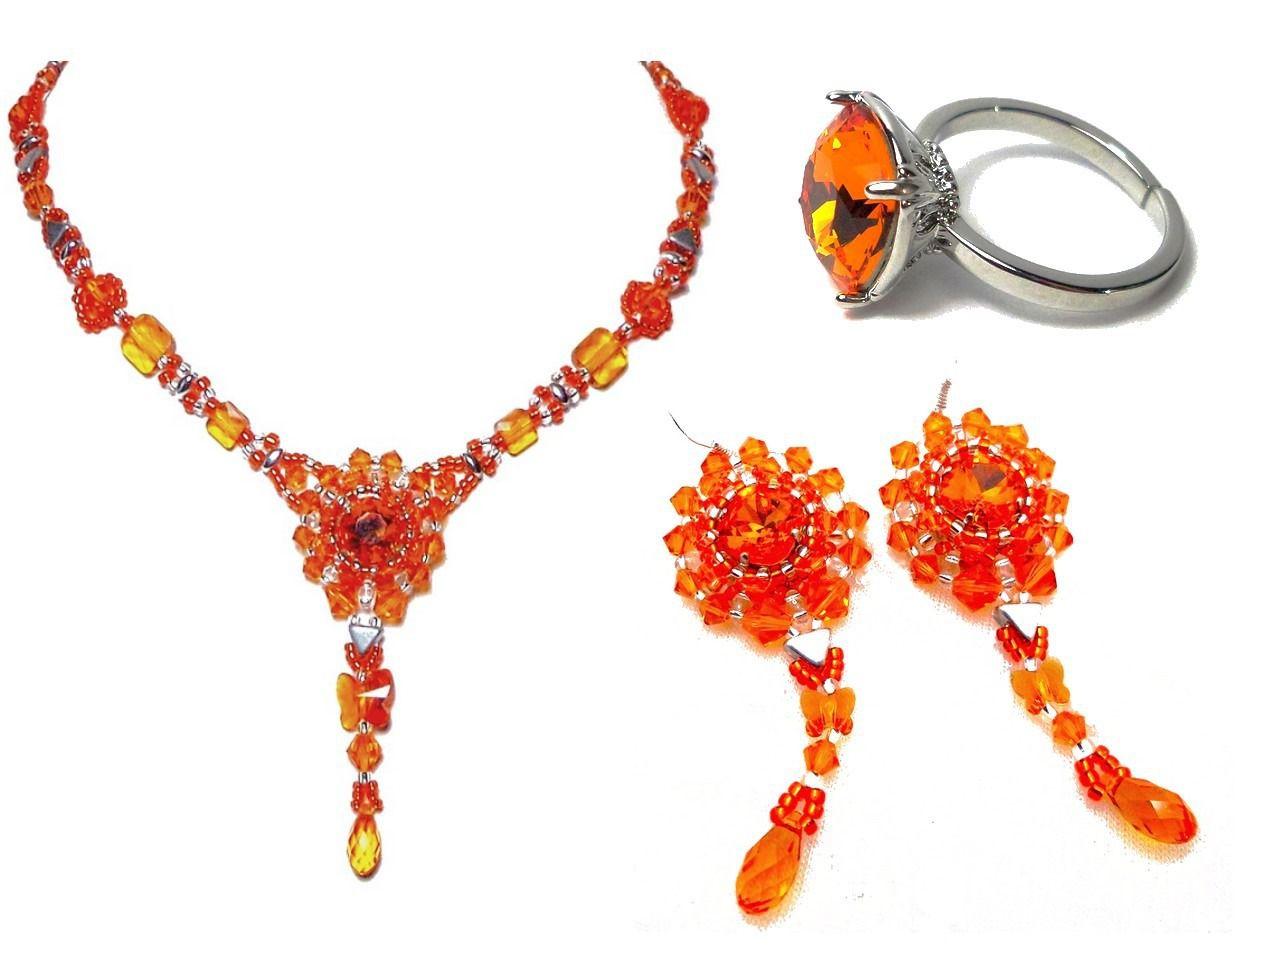 Parure précieuse baroque de créateur orange argent collier boucles d'oreilles bague haute couture : Parure par bijouxdart